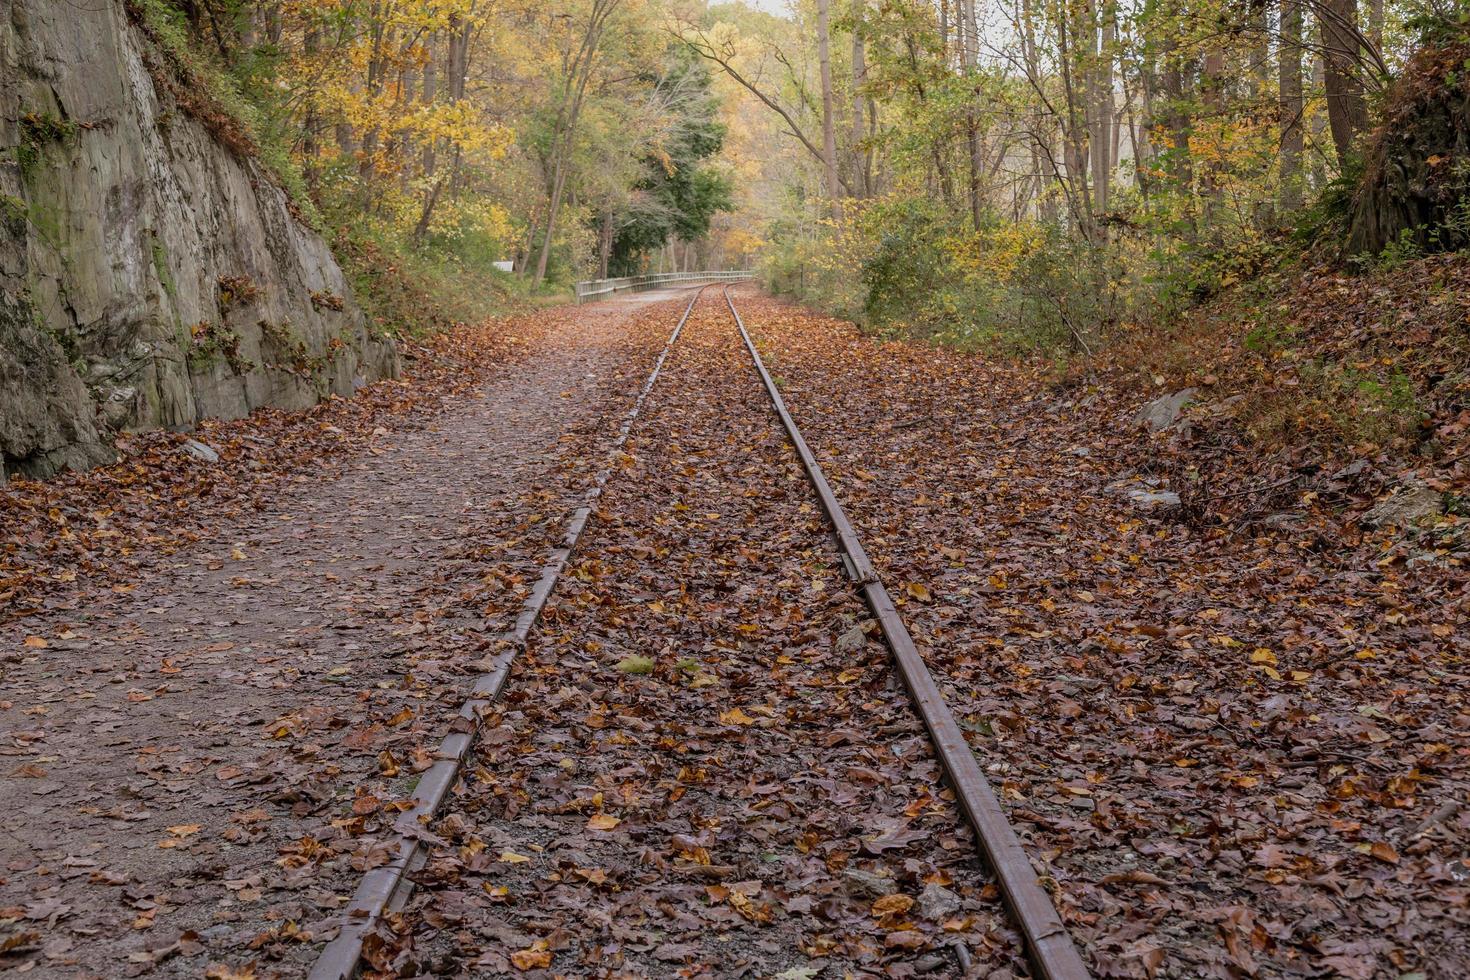 binari ferroviari ricoperti di foglie cadute foto